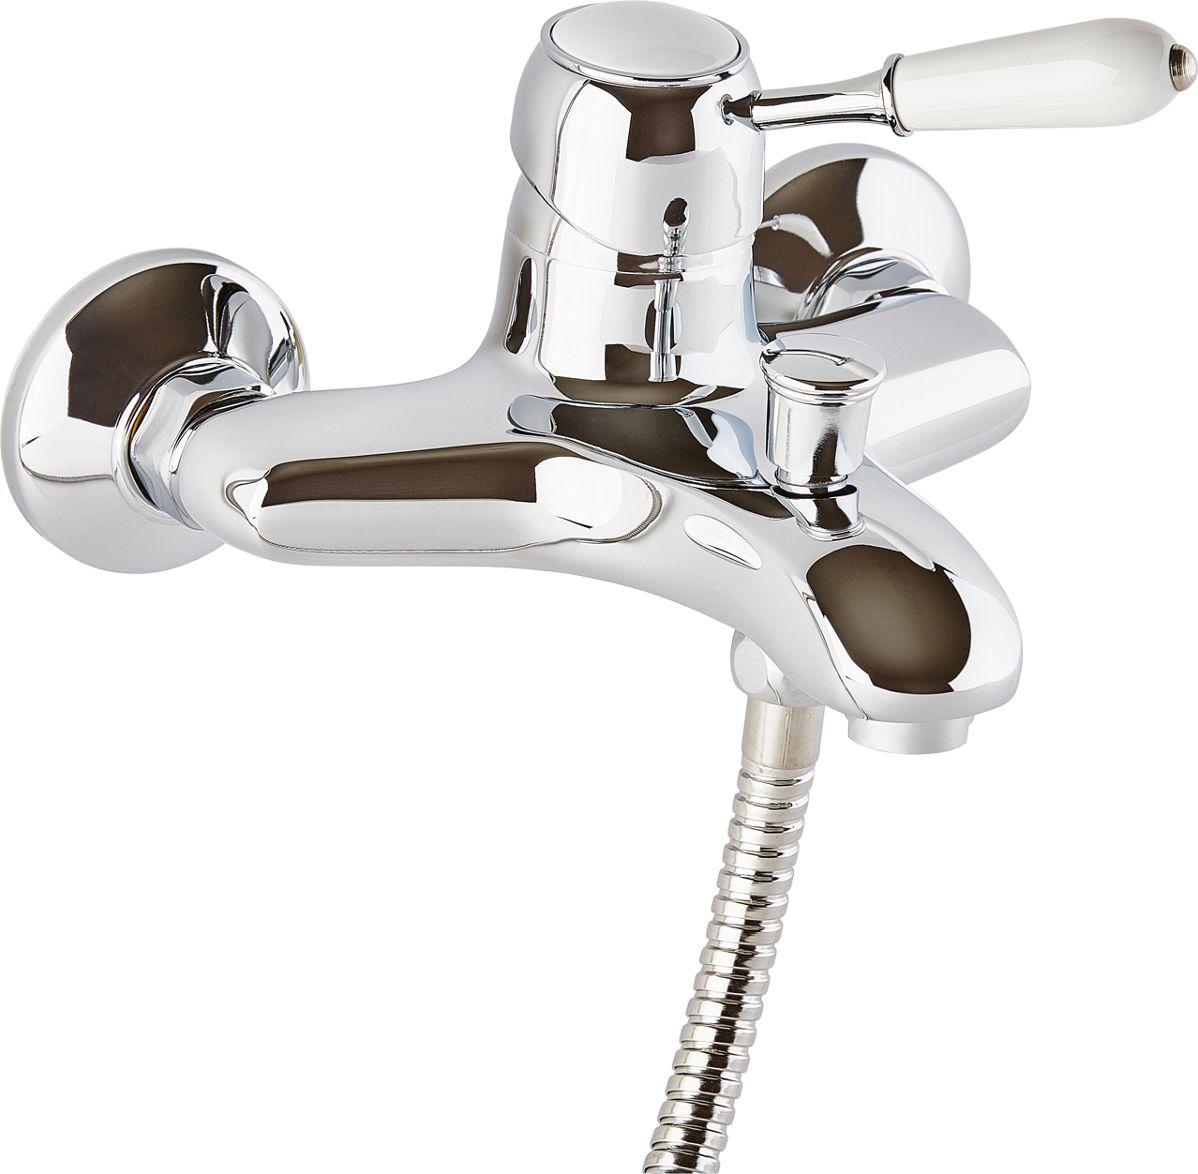 Смеситель для ванны ОПТИМА О3007, кор.излив, 40 карт, белая ручкаИС.240740Смеситель для ванны ОПТИМА О3007 ( кор.излив, 40 карт, белая ручка) предназначен для подачи и смешения холодной и горячей водыРабочее давление: до 6 BarМаксимальное кратковременное давление: до 9 BarРабочая температура: до +90°СРабочая среда: вода в комплект входит: - шланг для душа длина 1,5 м (двойной замок) - 3-х режимная душевая лейка- кронштейн на стену для душевой лейки